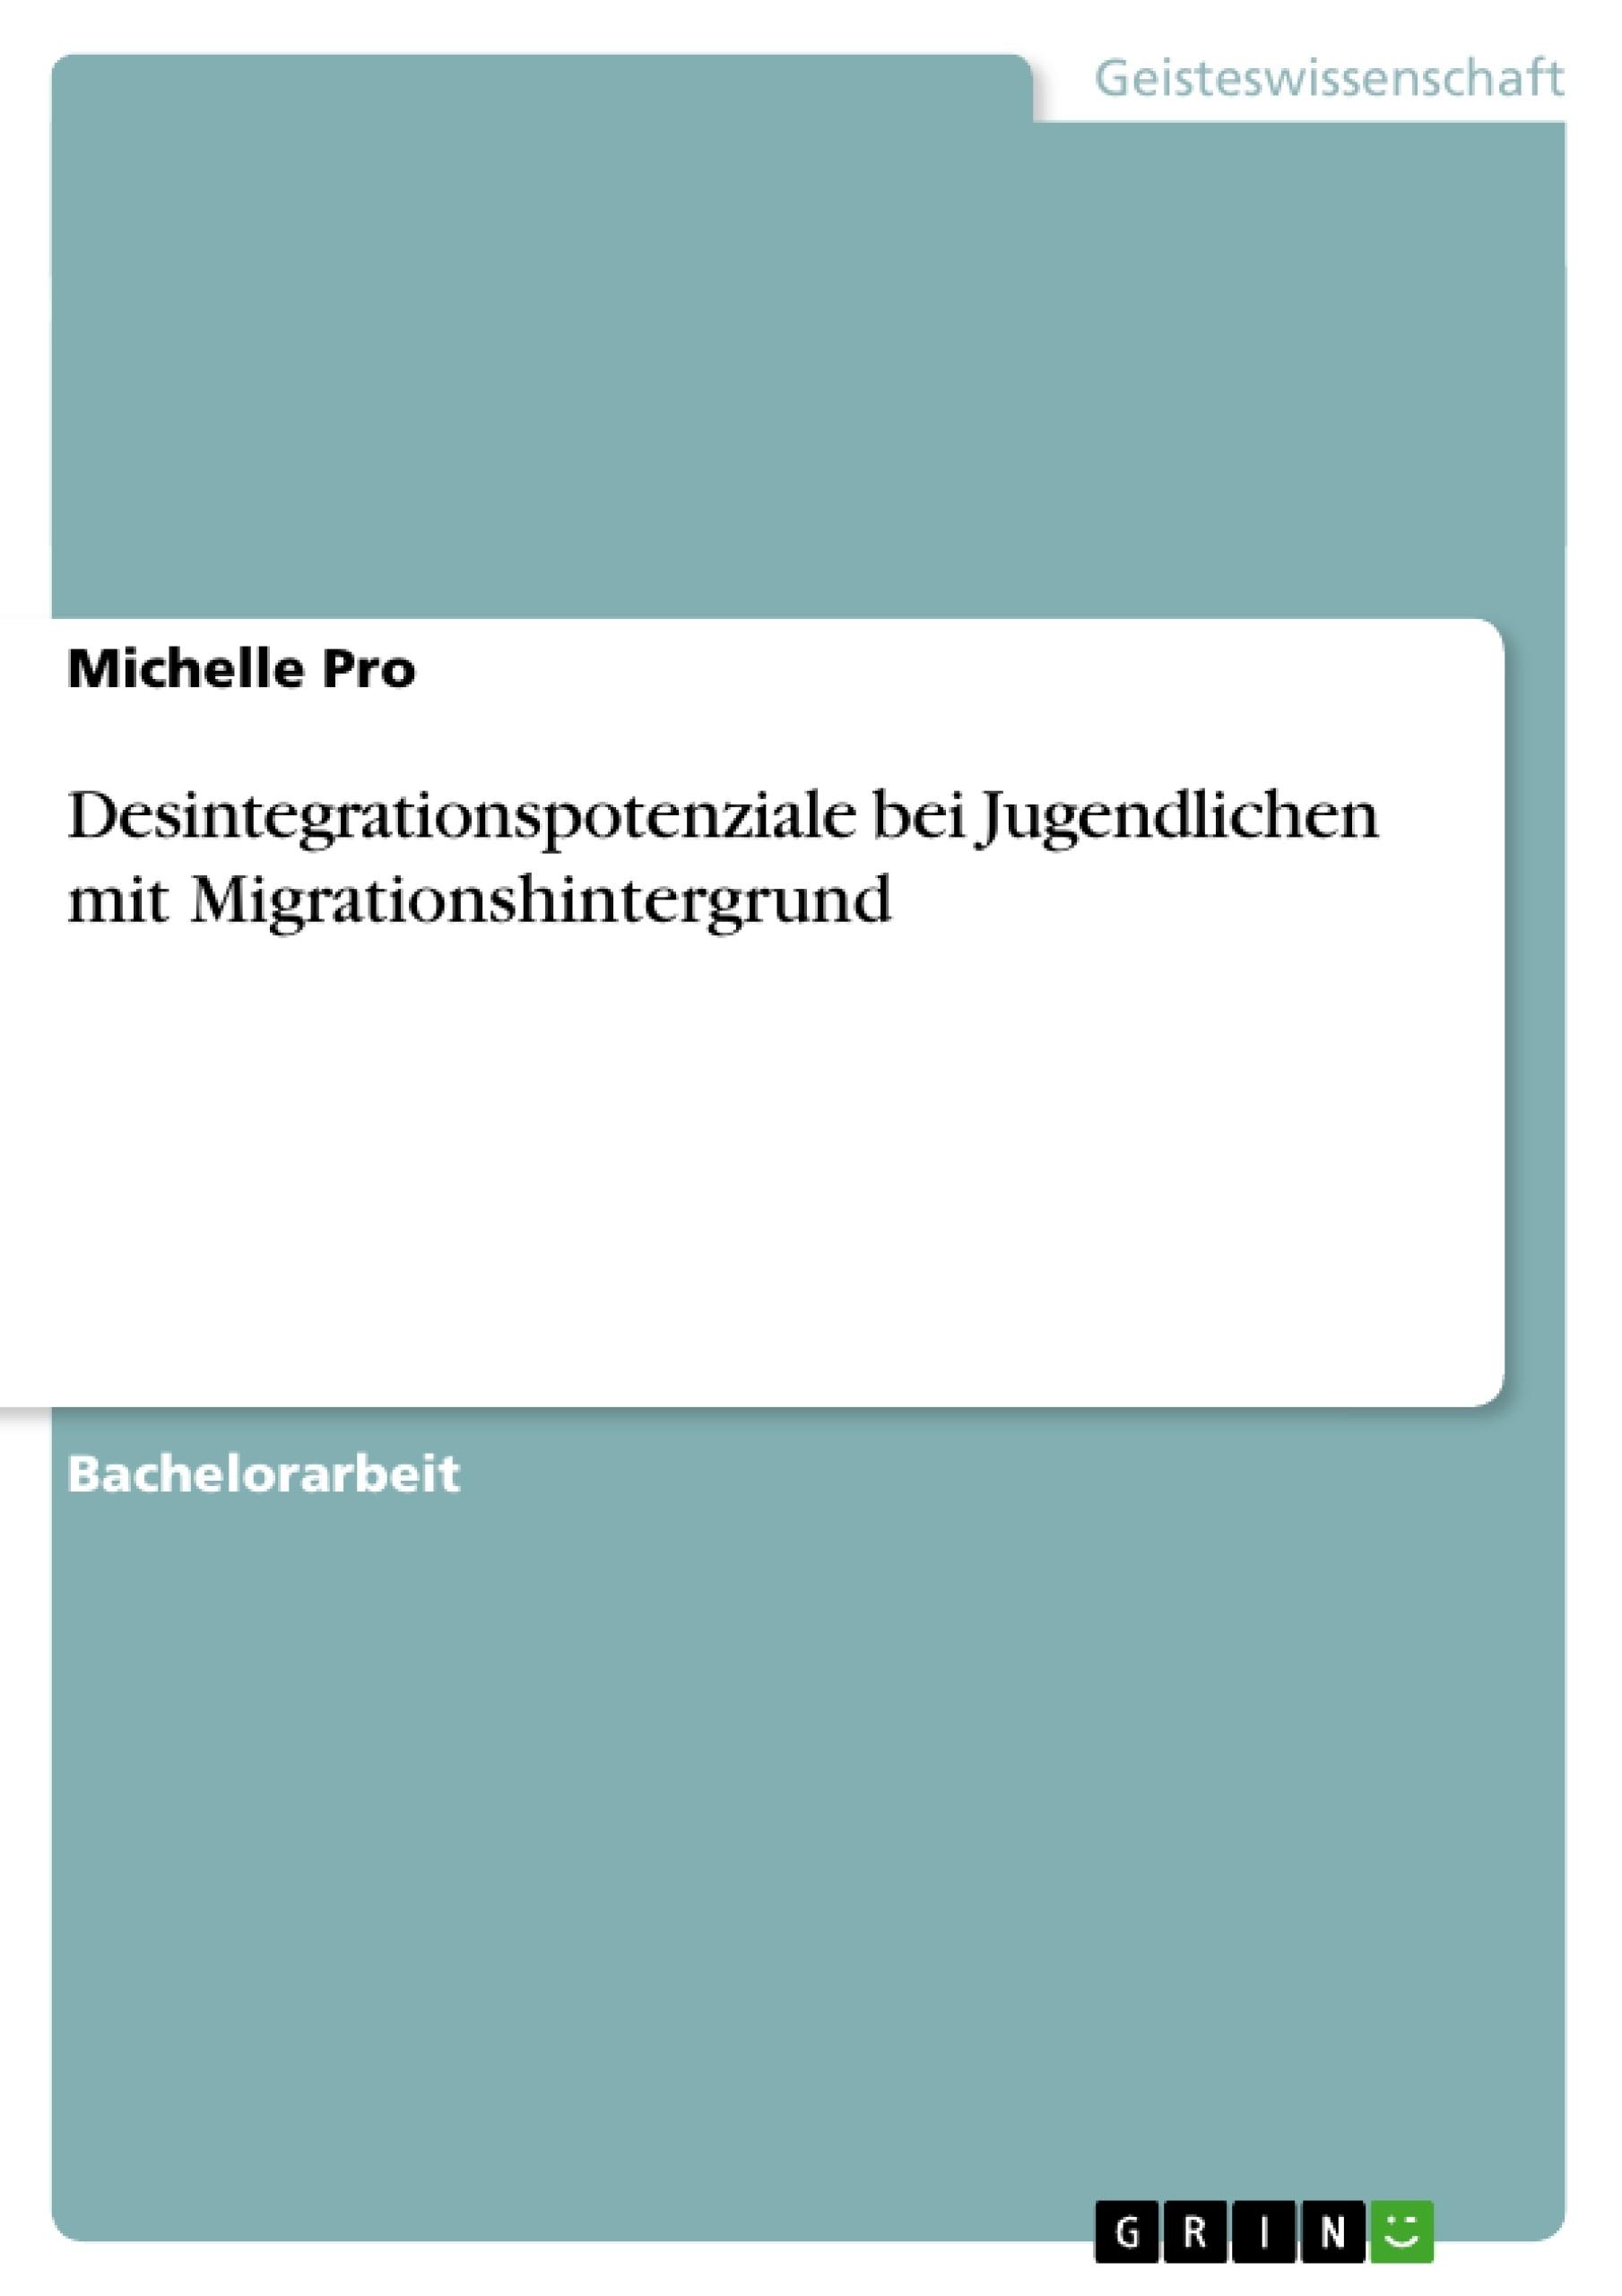 Titel: Desintegrationspotenziale bei Jugendlichen mit Migrationshintergrund